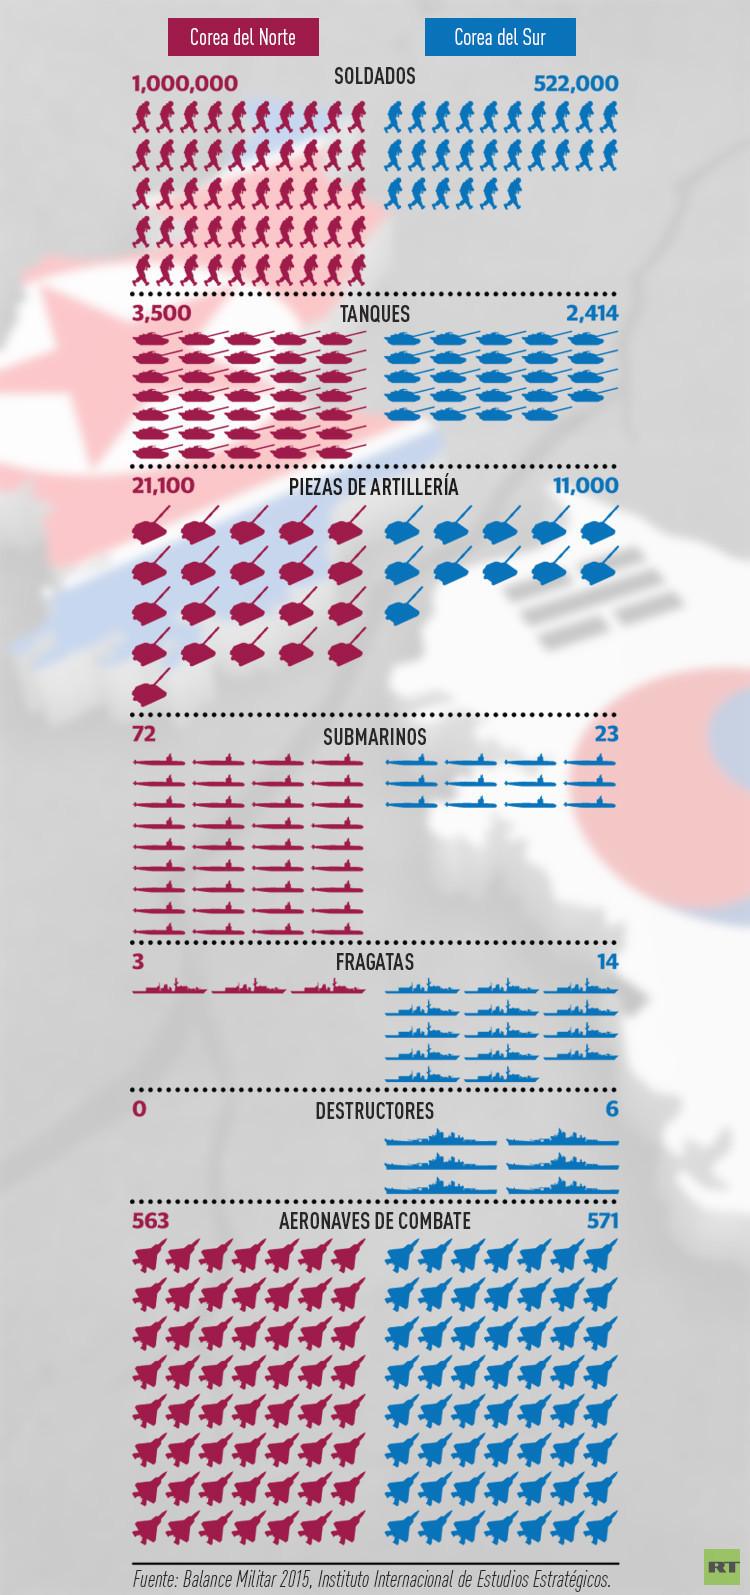 La península coreana, al borde de una guerra